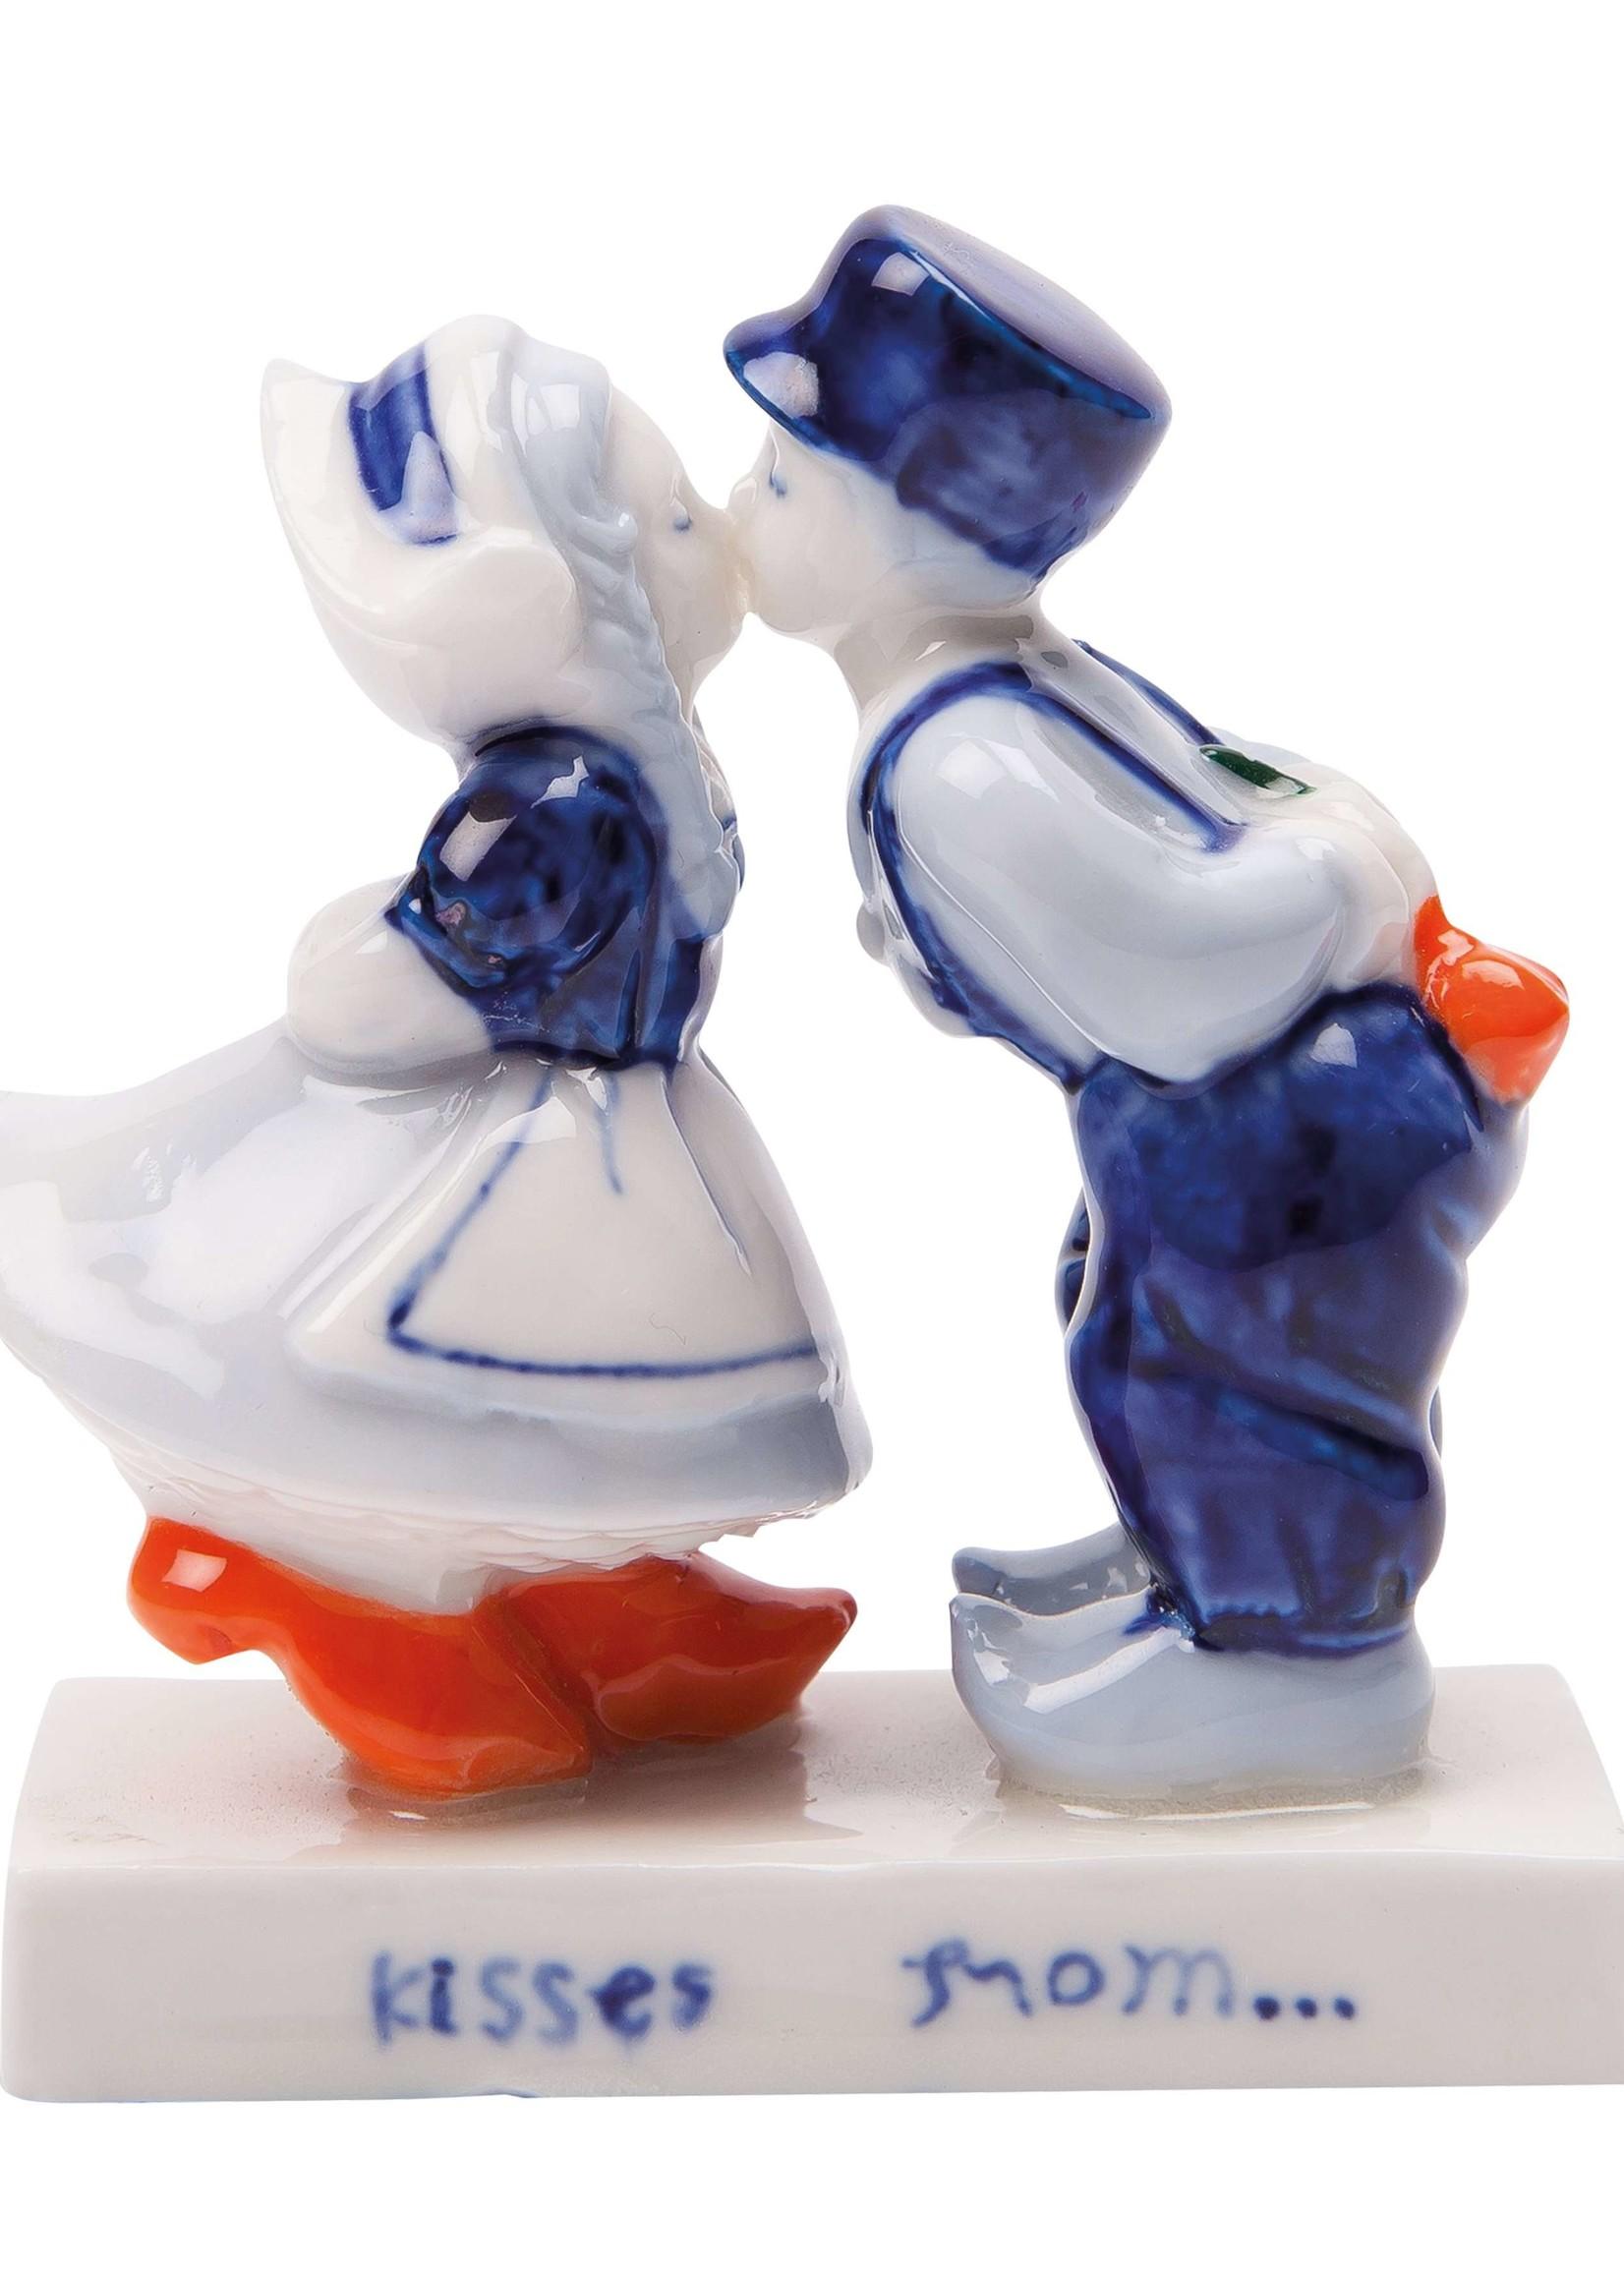 Delft Blue Kissing Couple (13 cm)